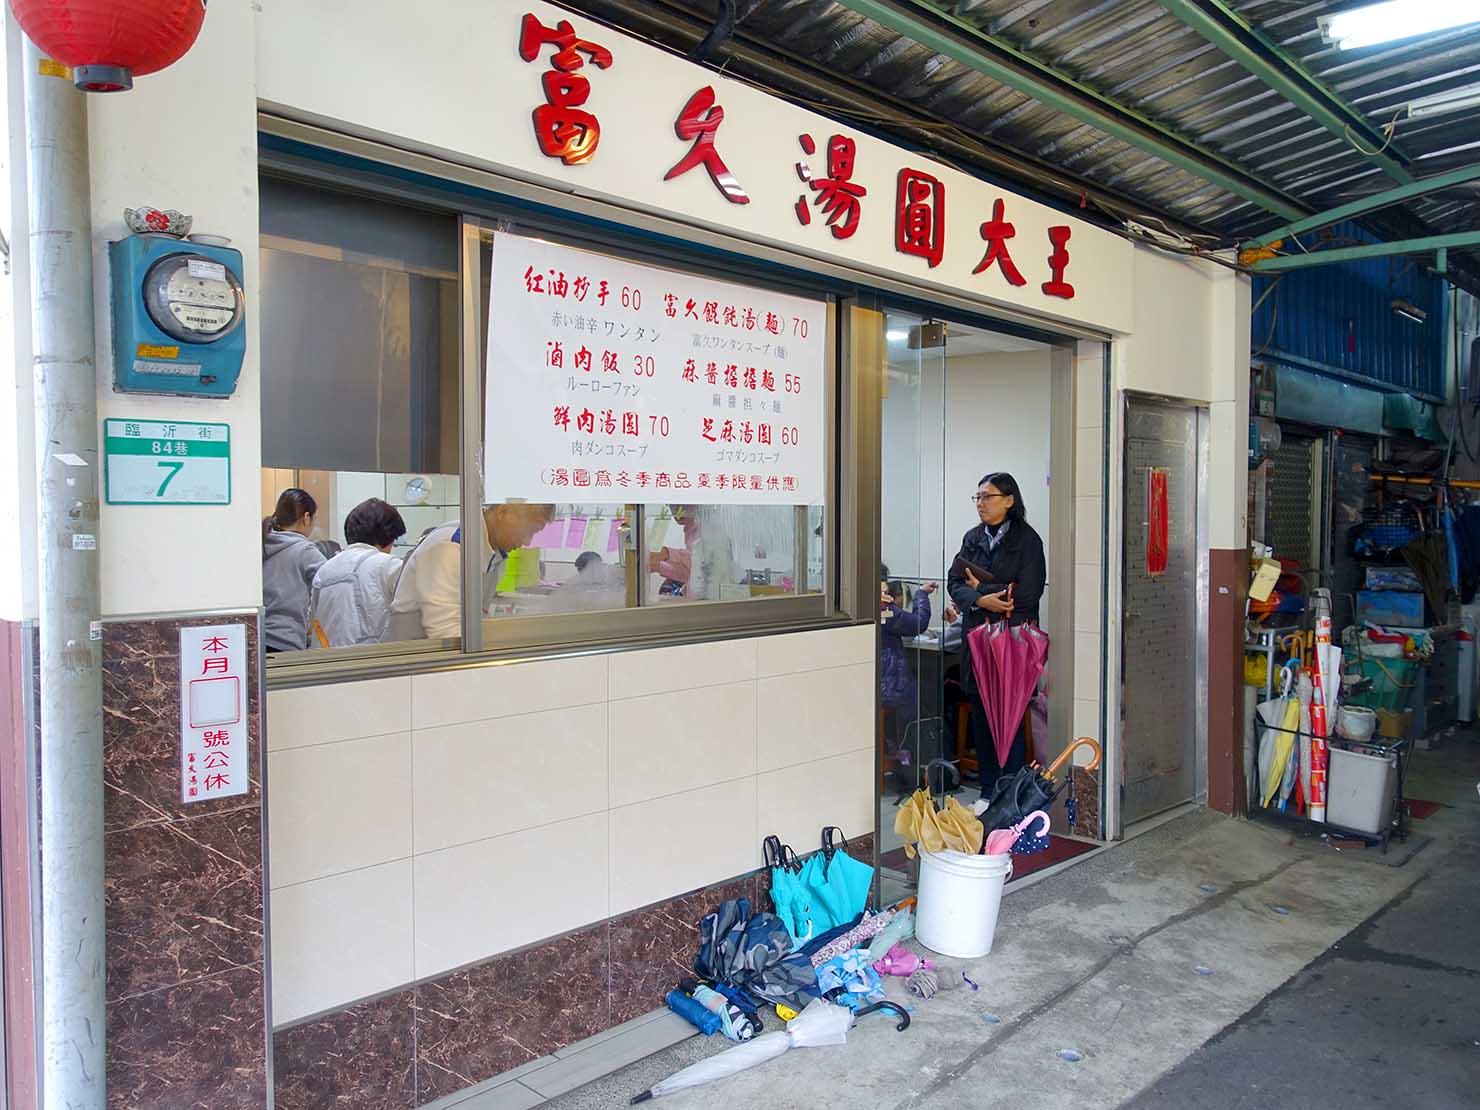 台北・東門エリアのおすすめグルメ店「富久湯圓大王」の外観